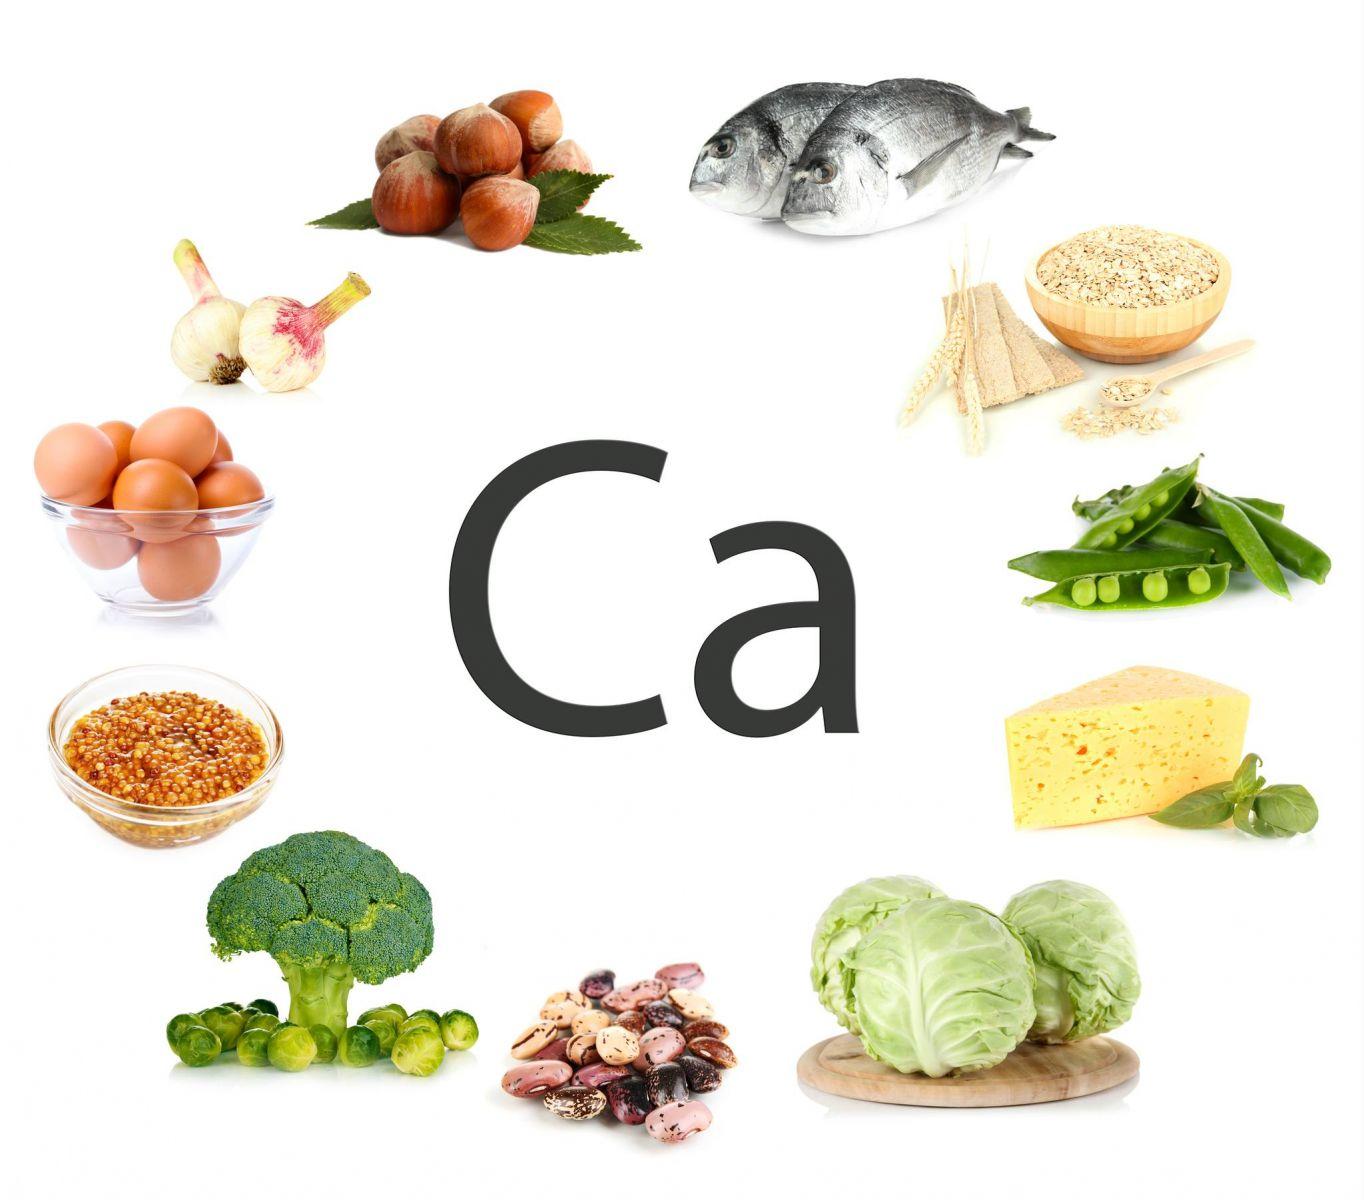 32% ảnh hưởng đến chiều cao trong tổng số 100% những yếu tố khác chính là dinh dưỡng, cho nên bổ sung dinh dưỡng đầy đủ, đặc biệt là không thể thiếu 6 dưỡng chất thiết yếu dưới đây sẽ giúp bạn tăng chiều cao hiệu quả.